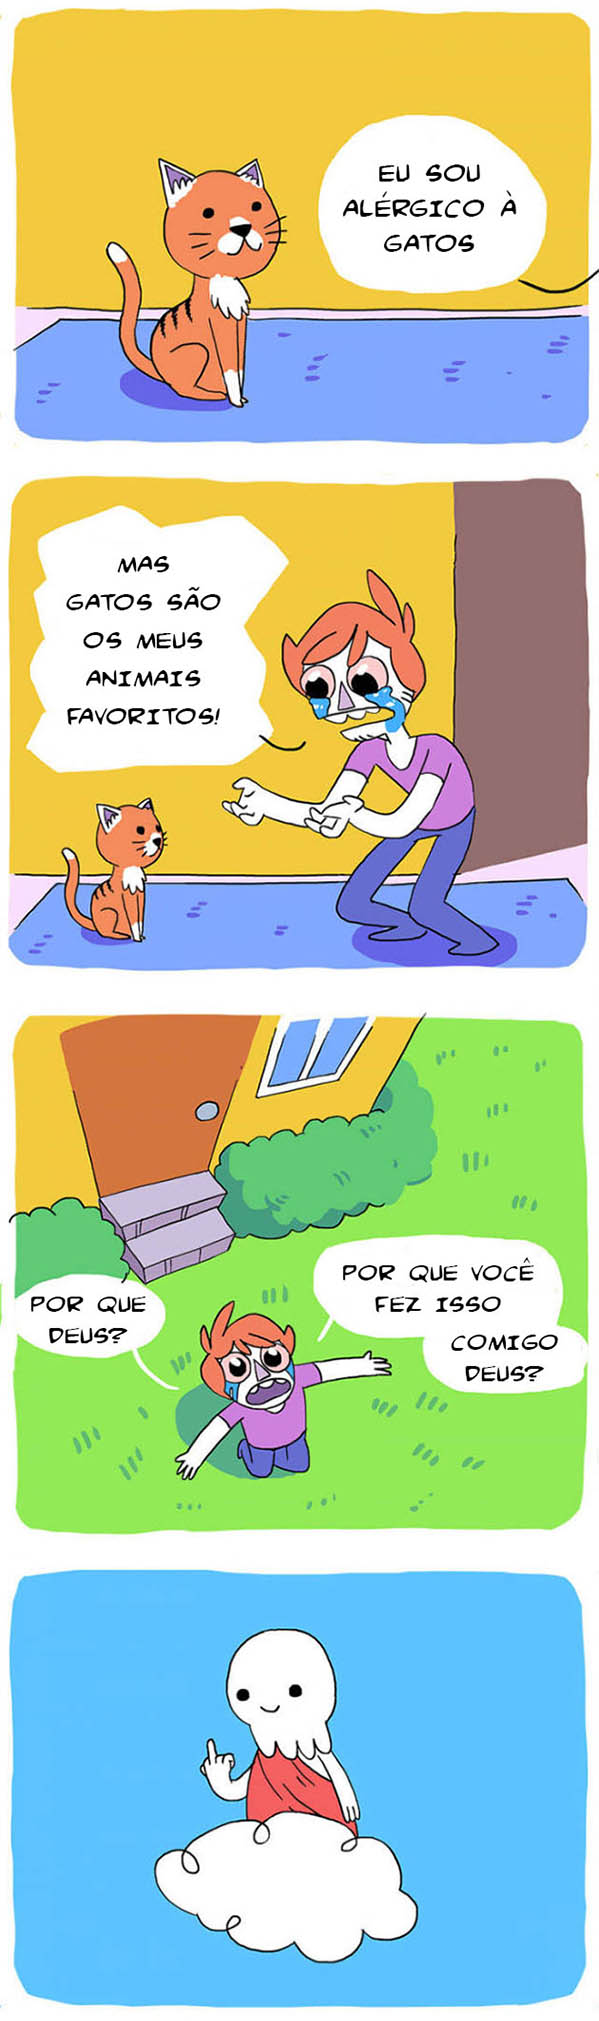 Tirinhas memes - Página 6 GATINHOS